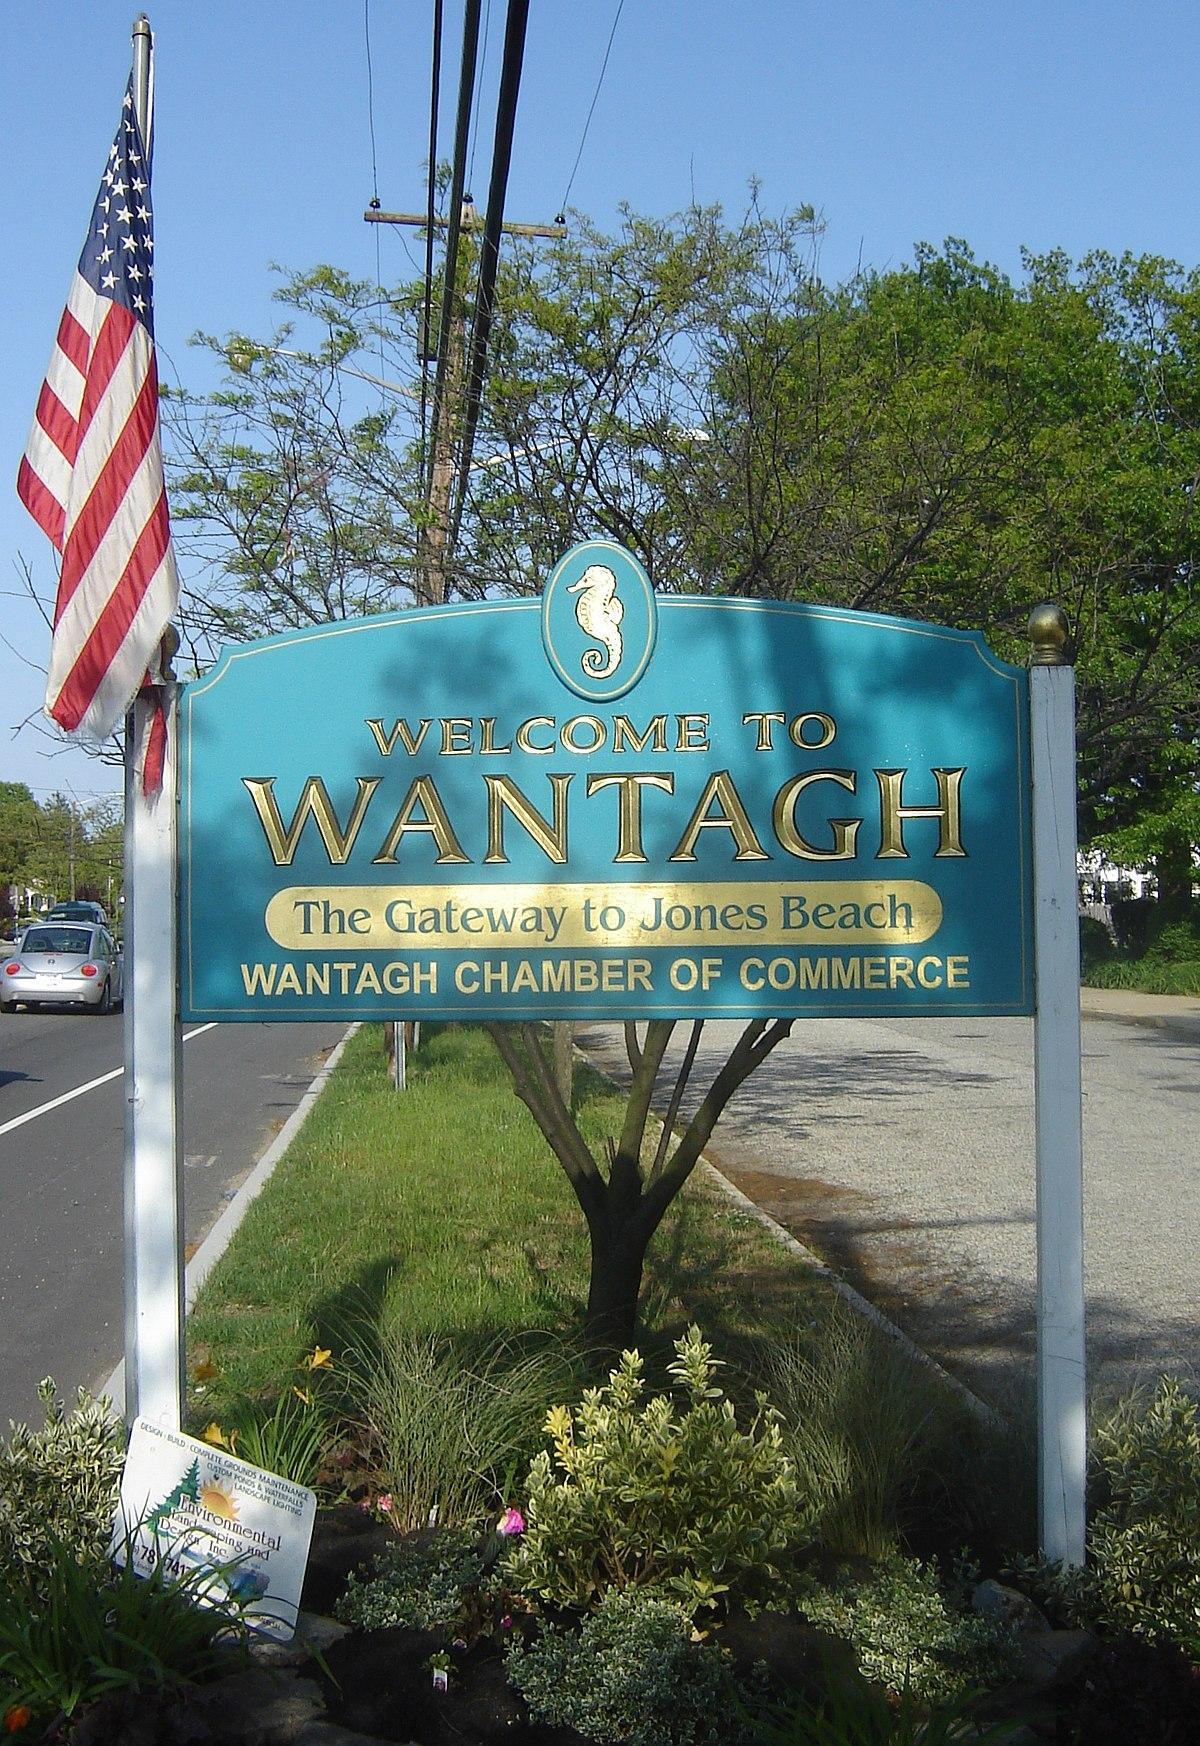 Long Beach To Wantagh